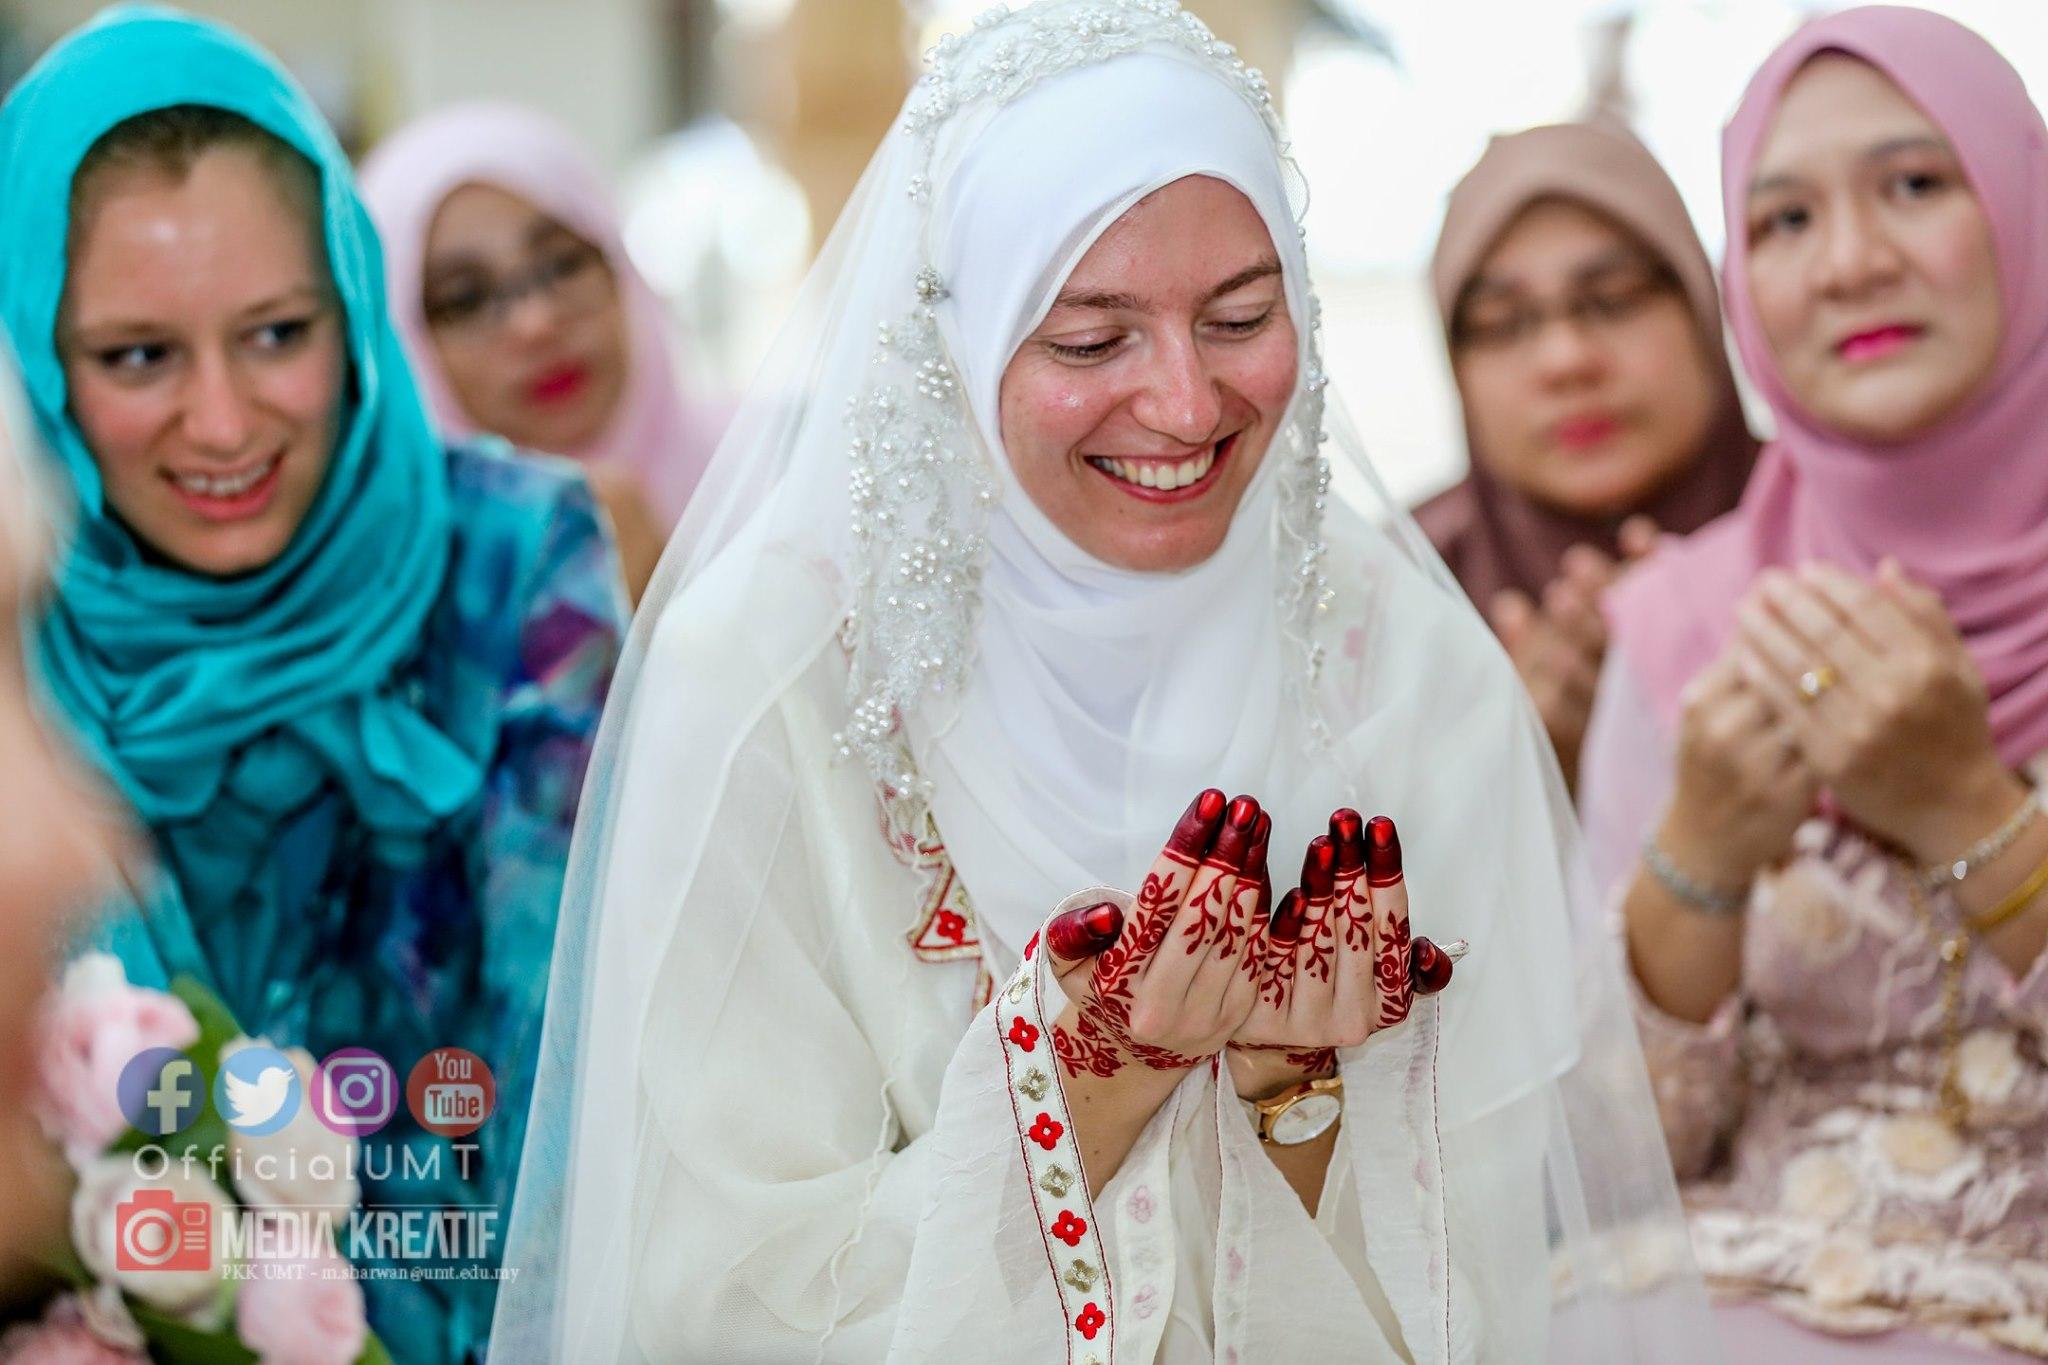 Ucap Tahniah Di IG Sebab Dah Masuk Islam, Jejaka Tak Sangka Nikahi Gadis Itali